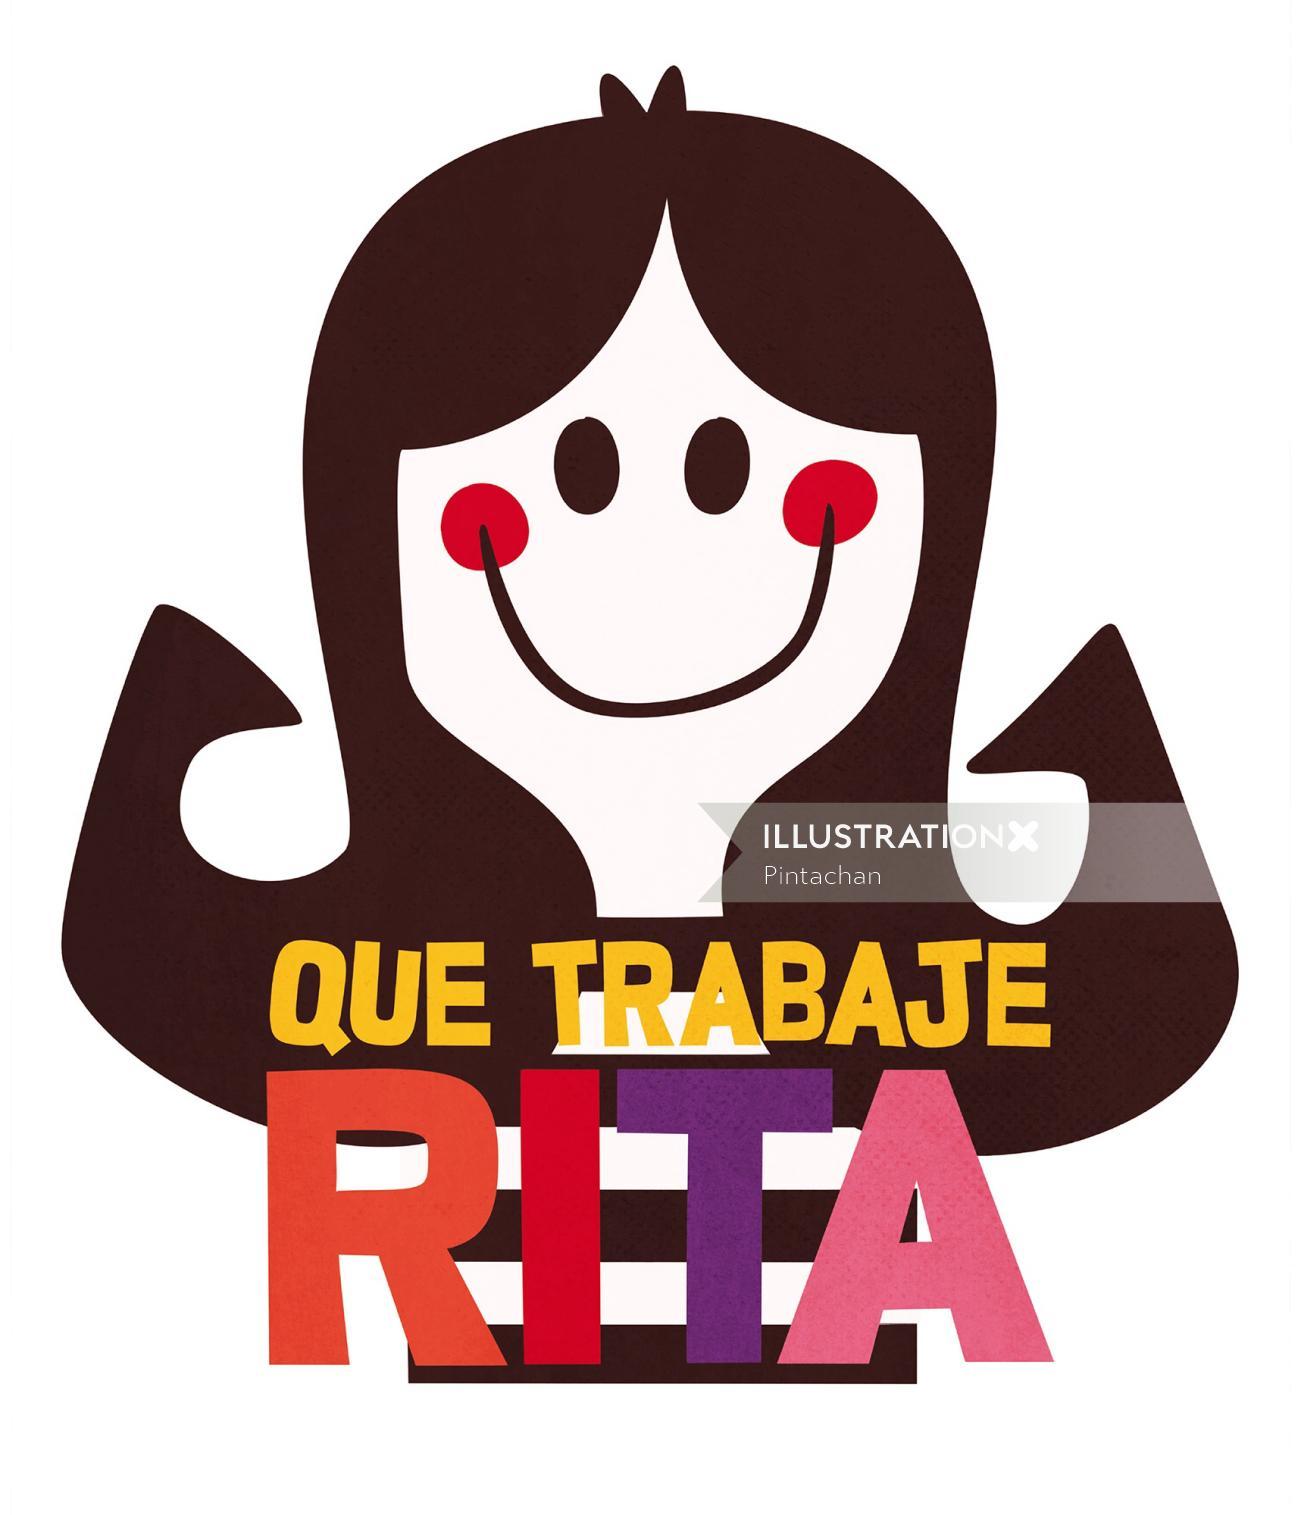 Rita cartoon character pop art